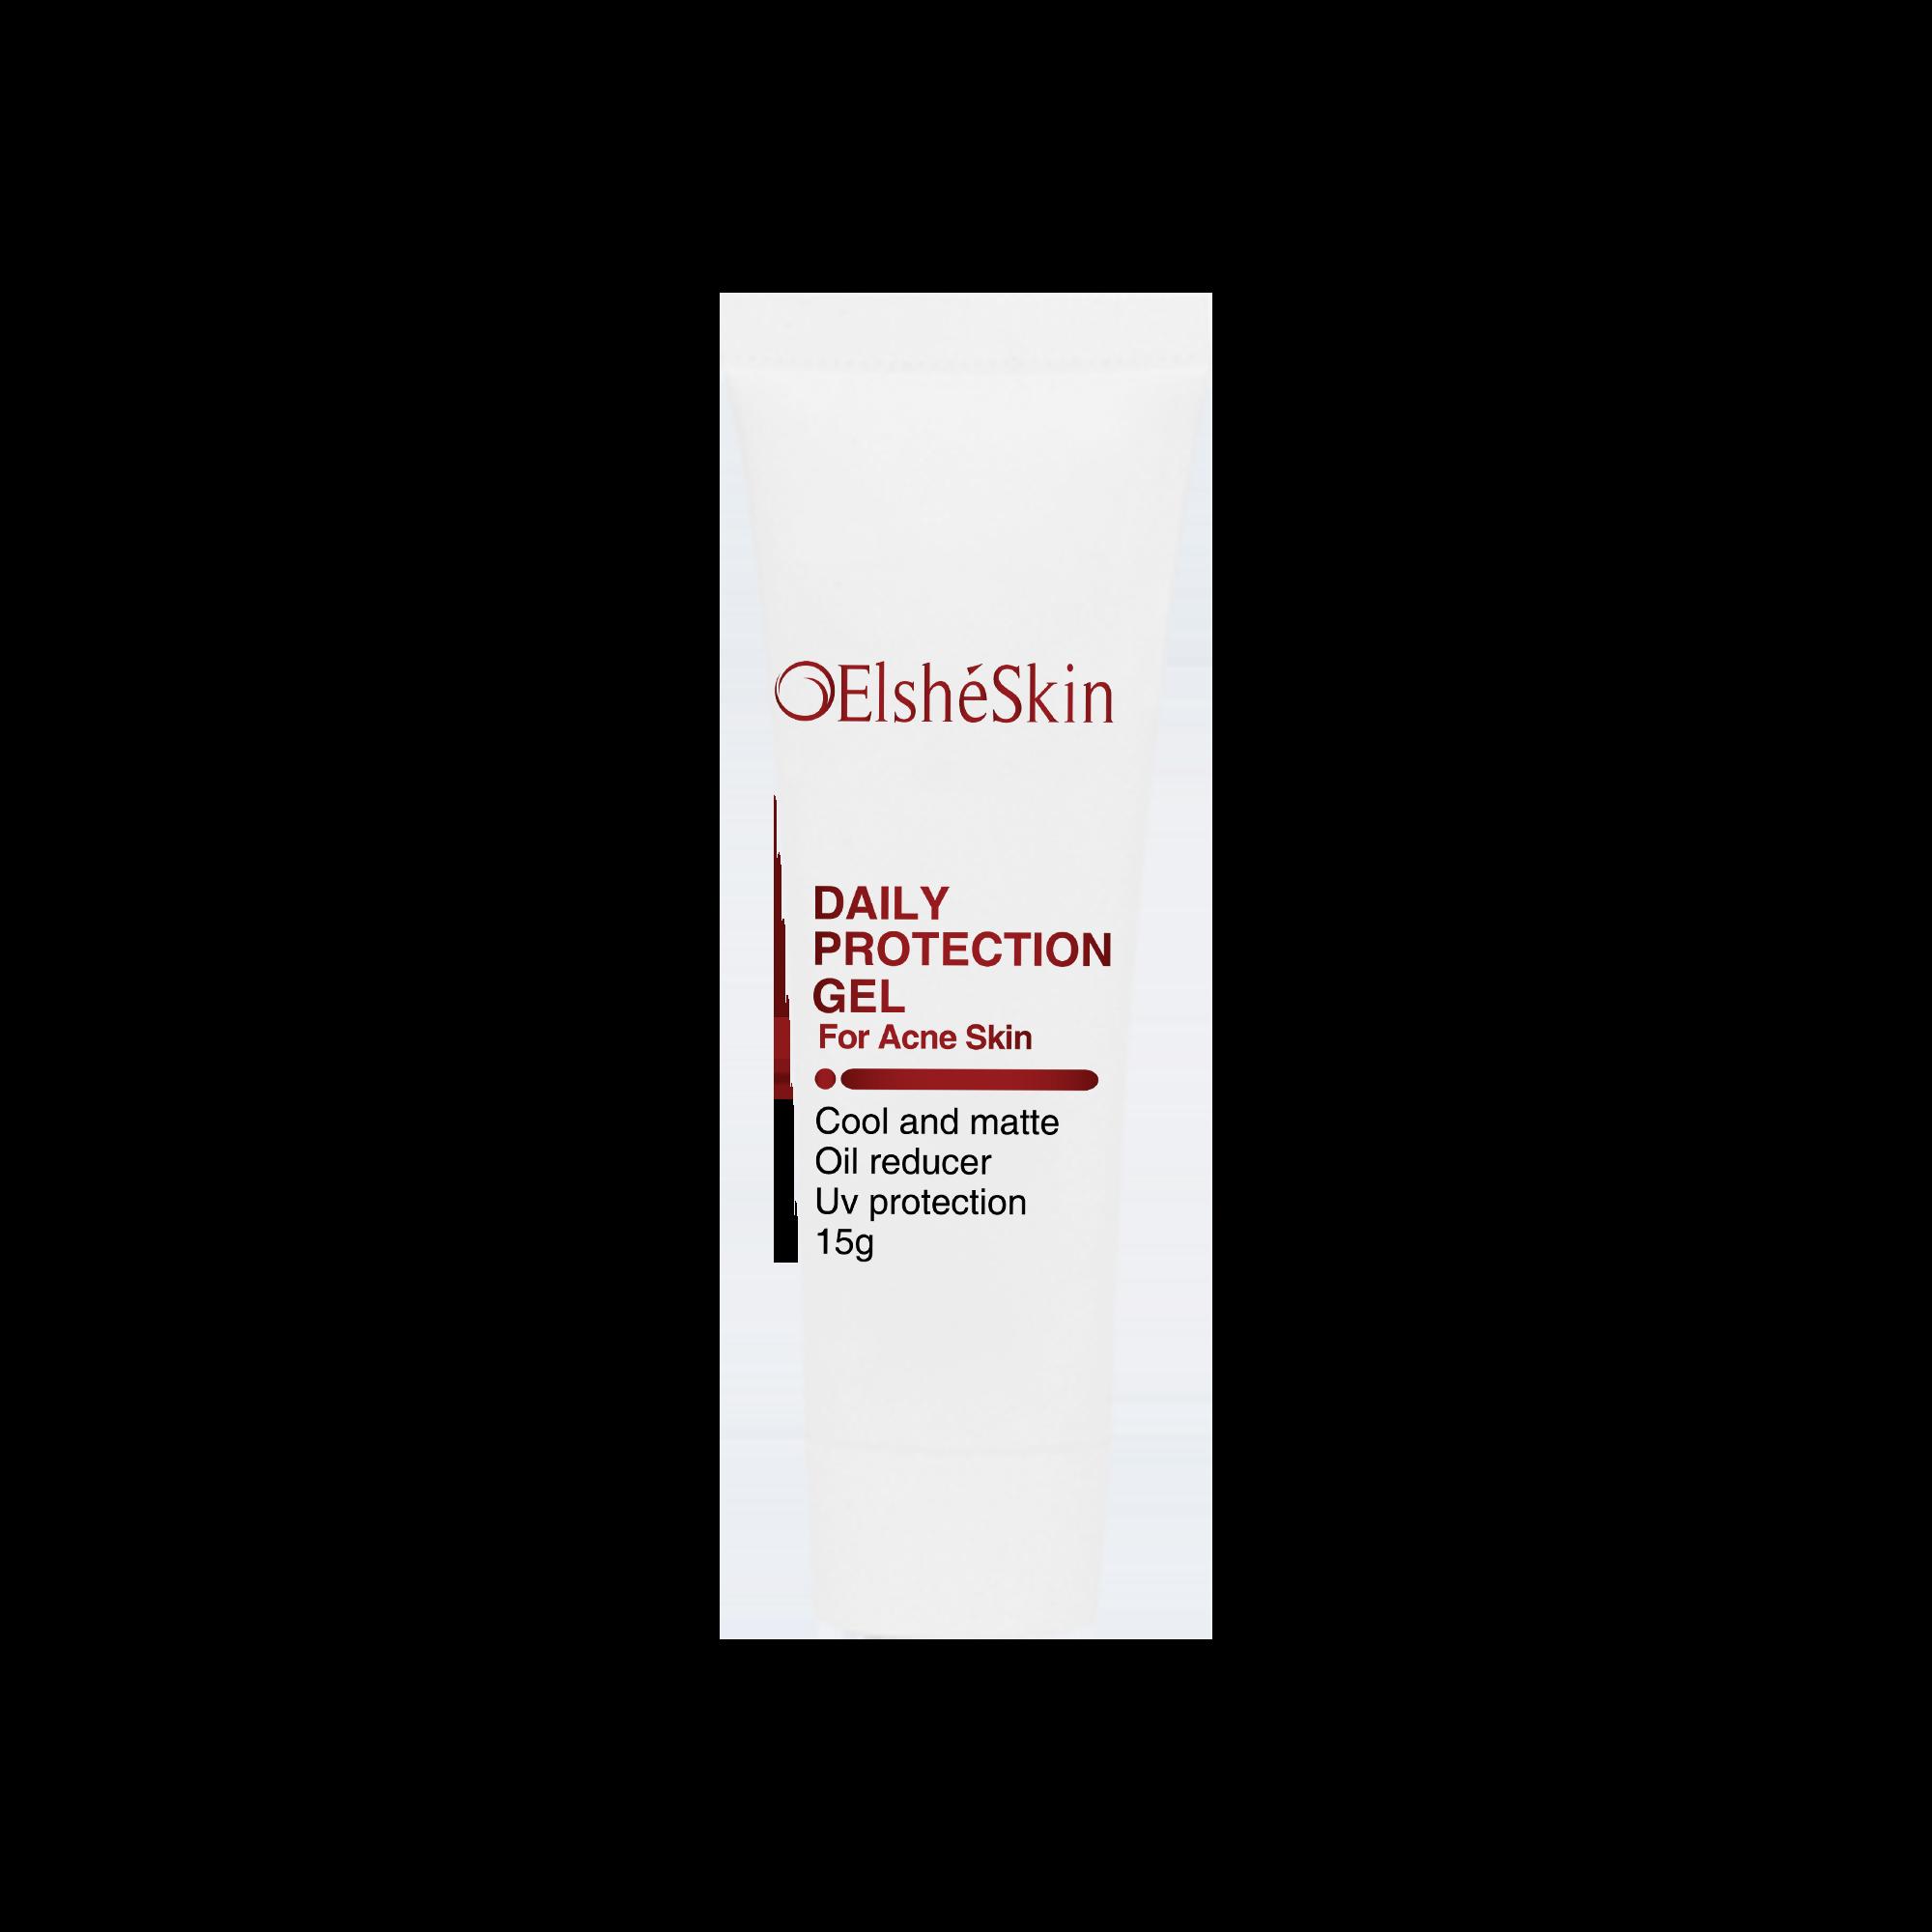 Elshskin Shop Line Elsheskin Rossana Matte Lipstick Daily Protection Gel For Acne